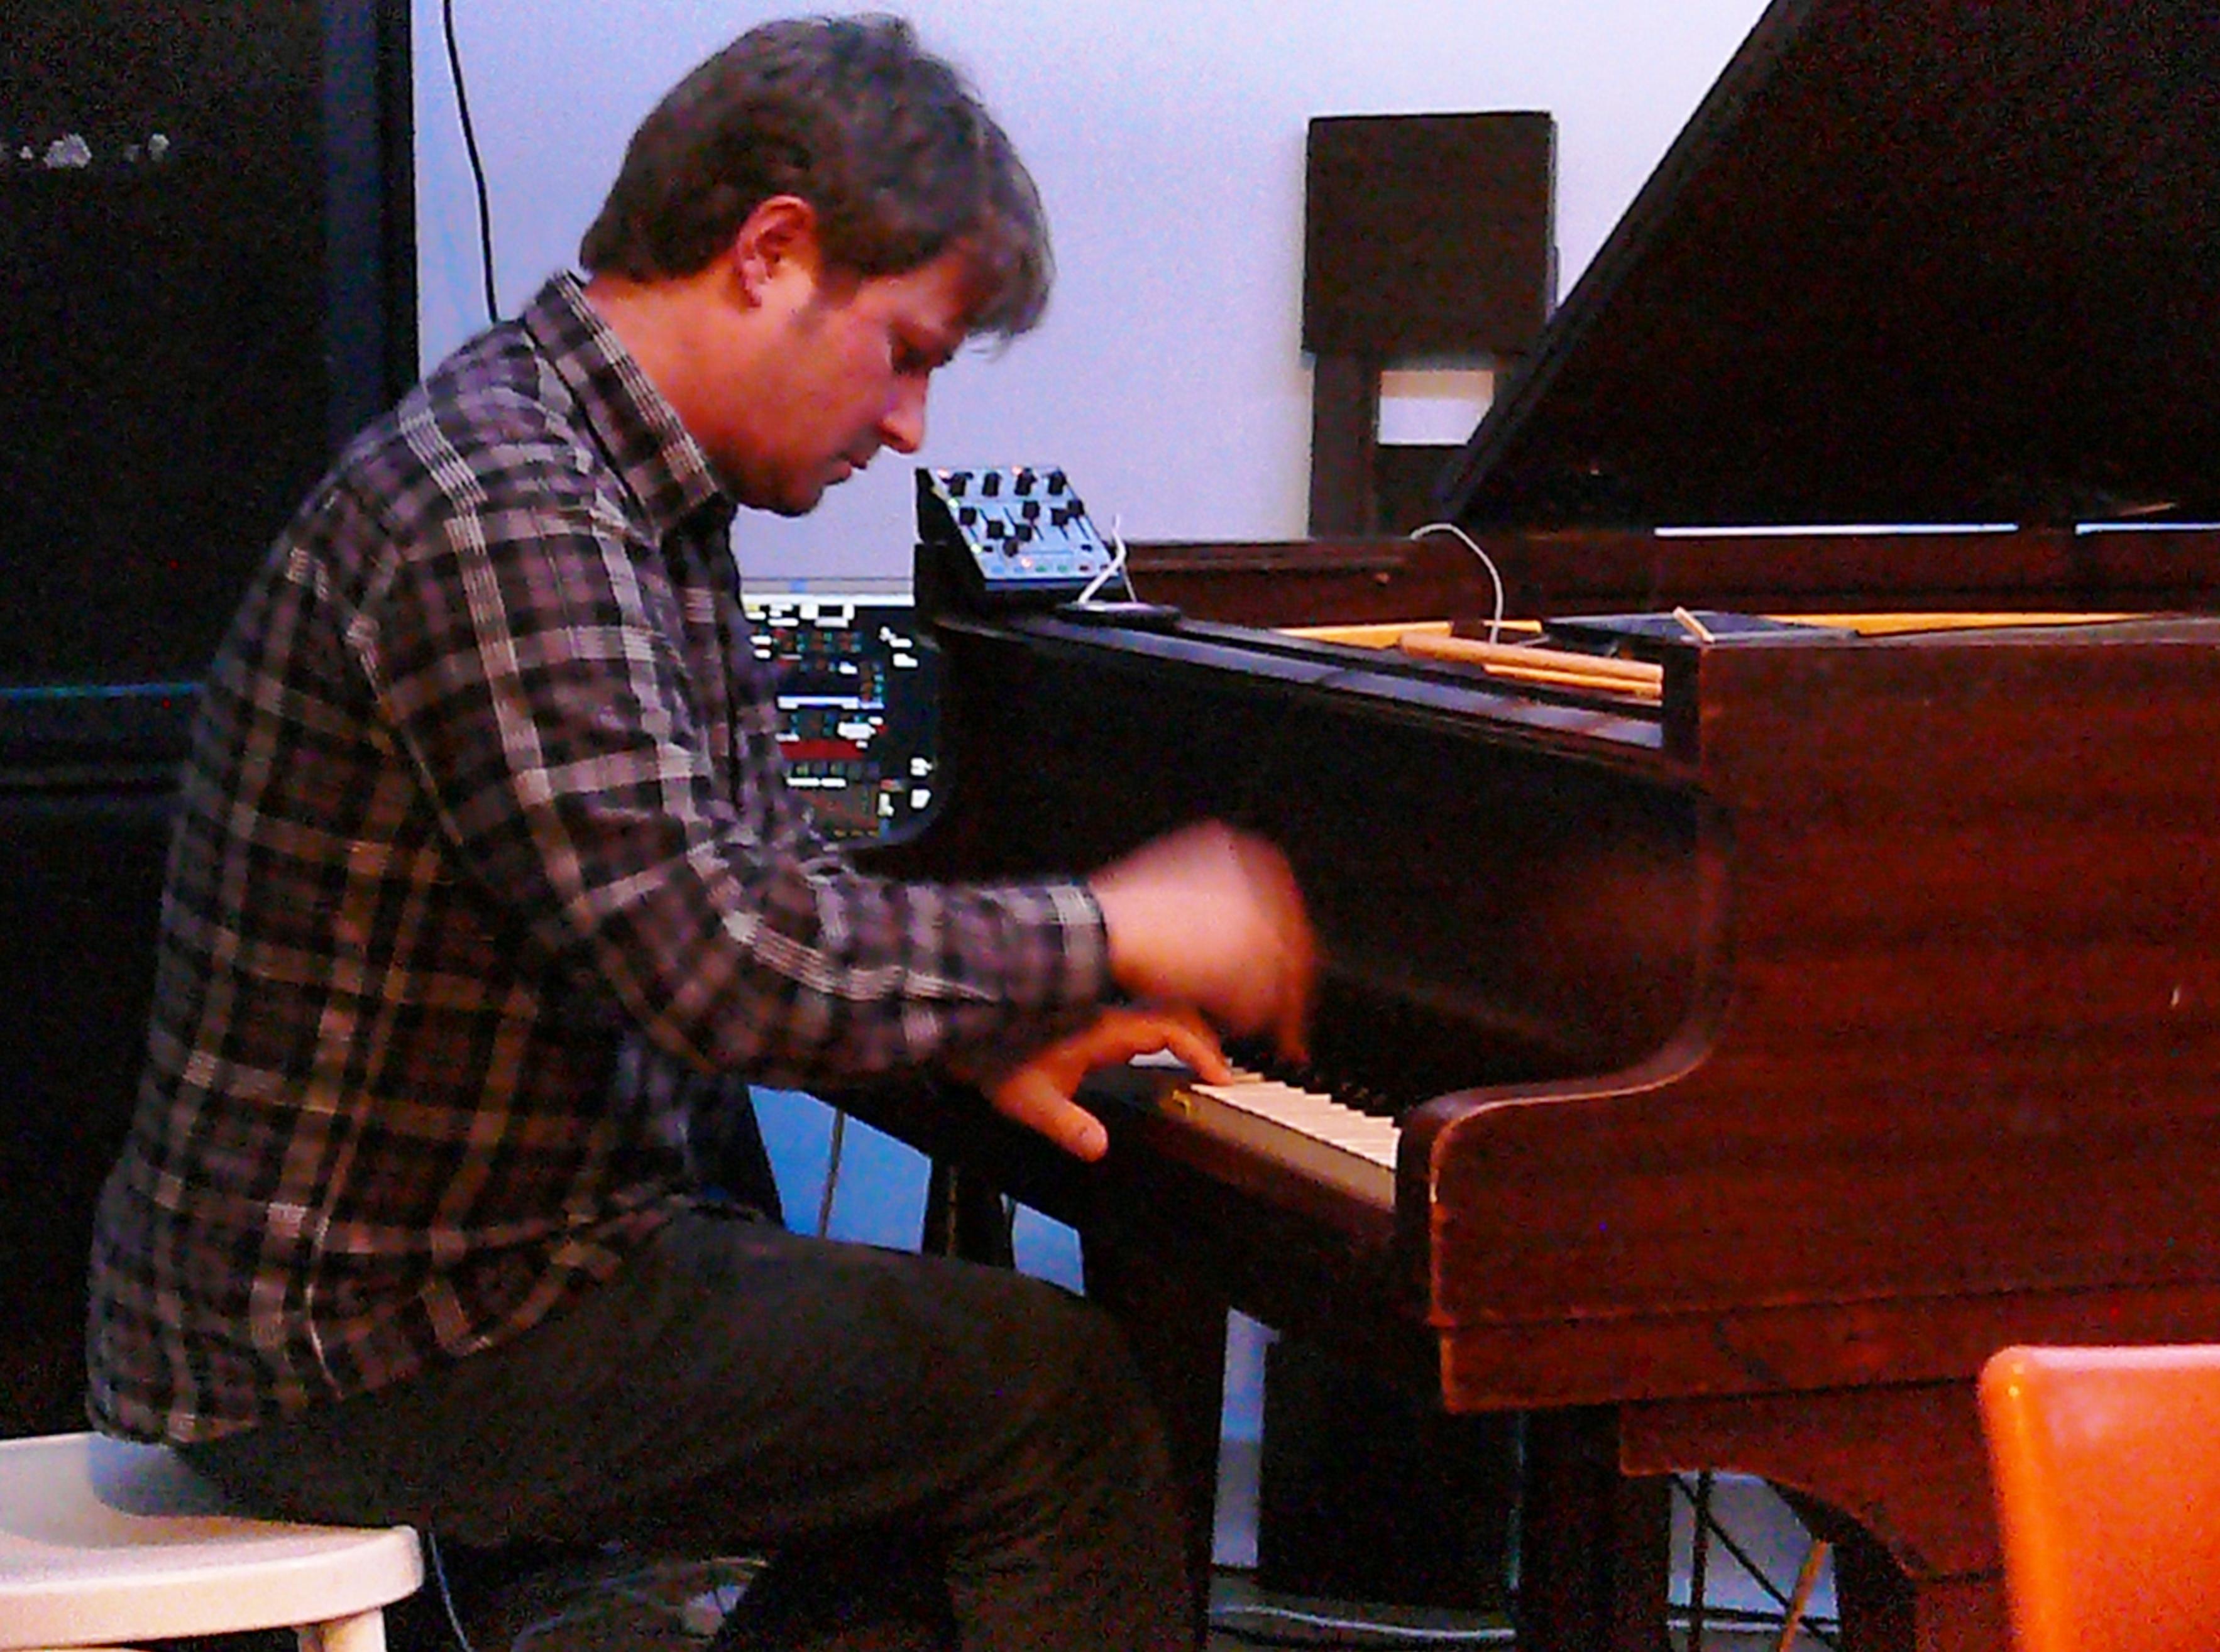 Sebastien Lexer at Iklectik, London in November 2016